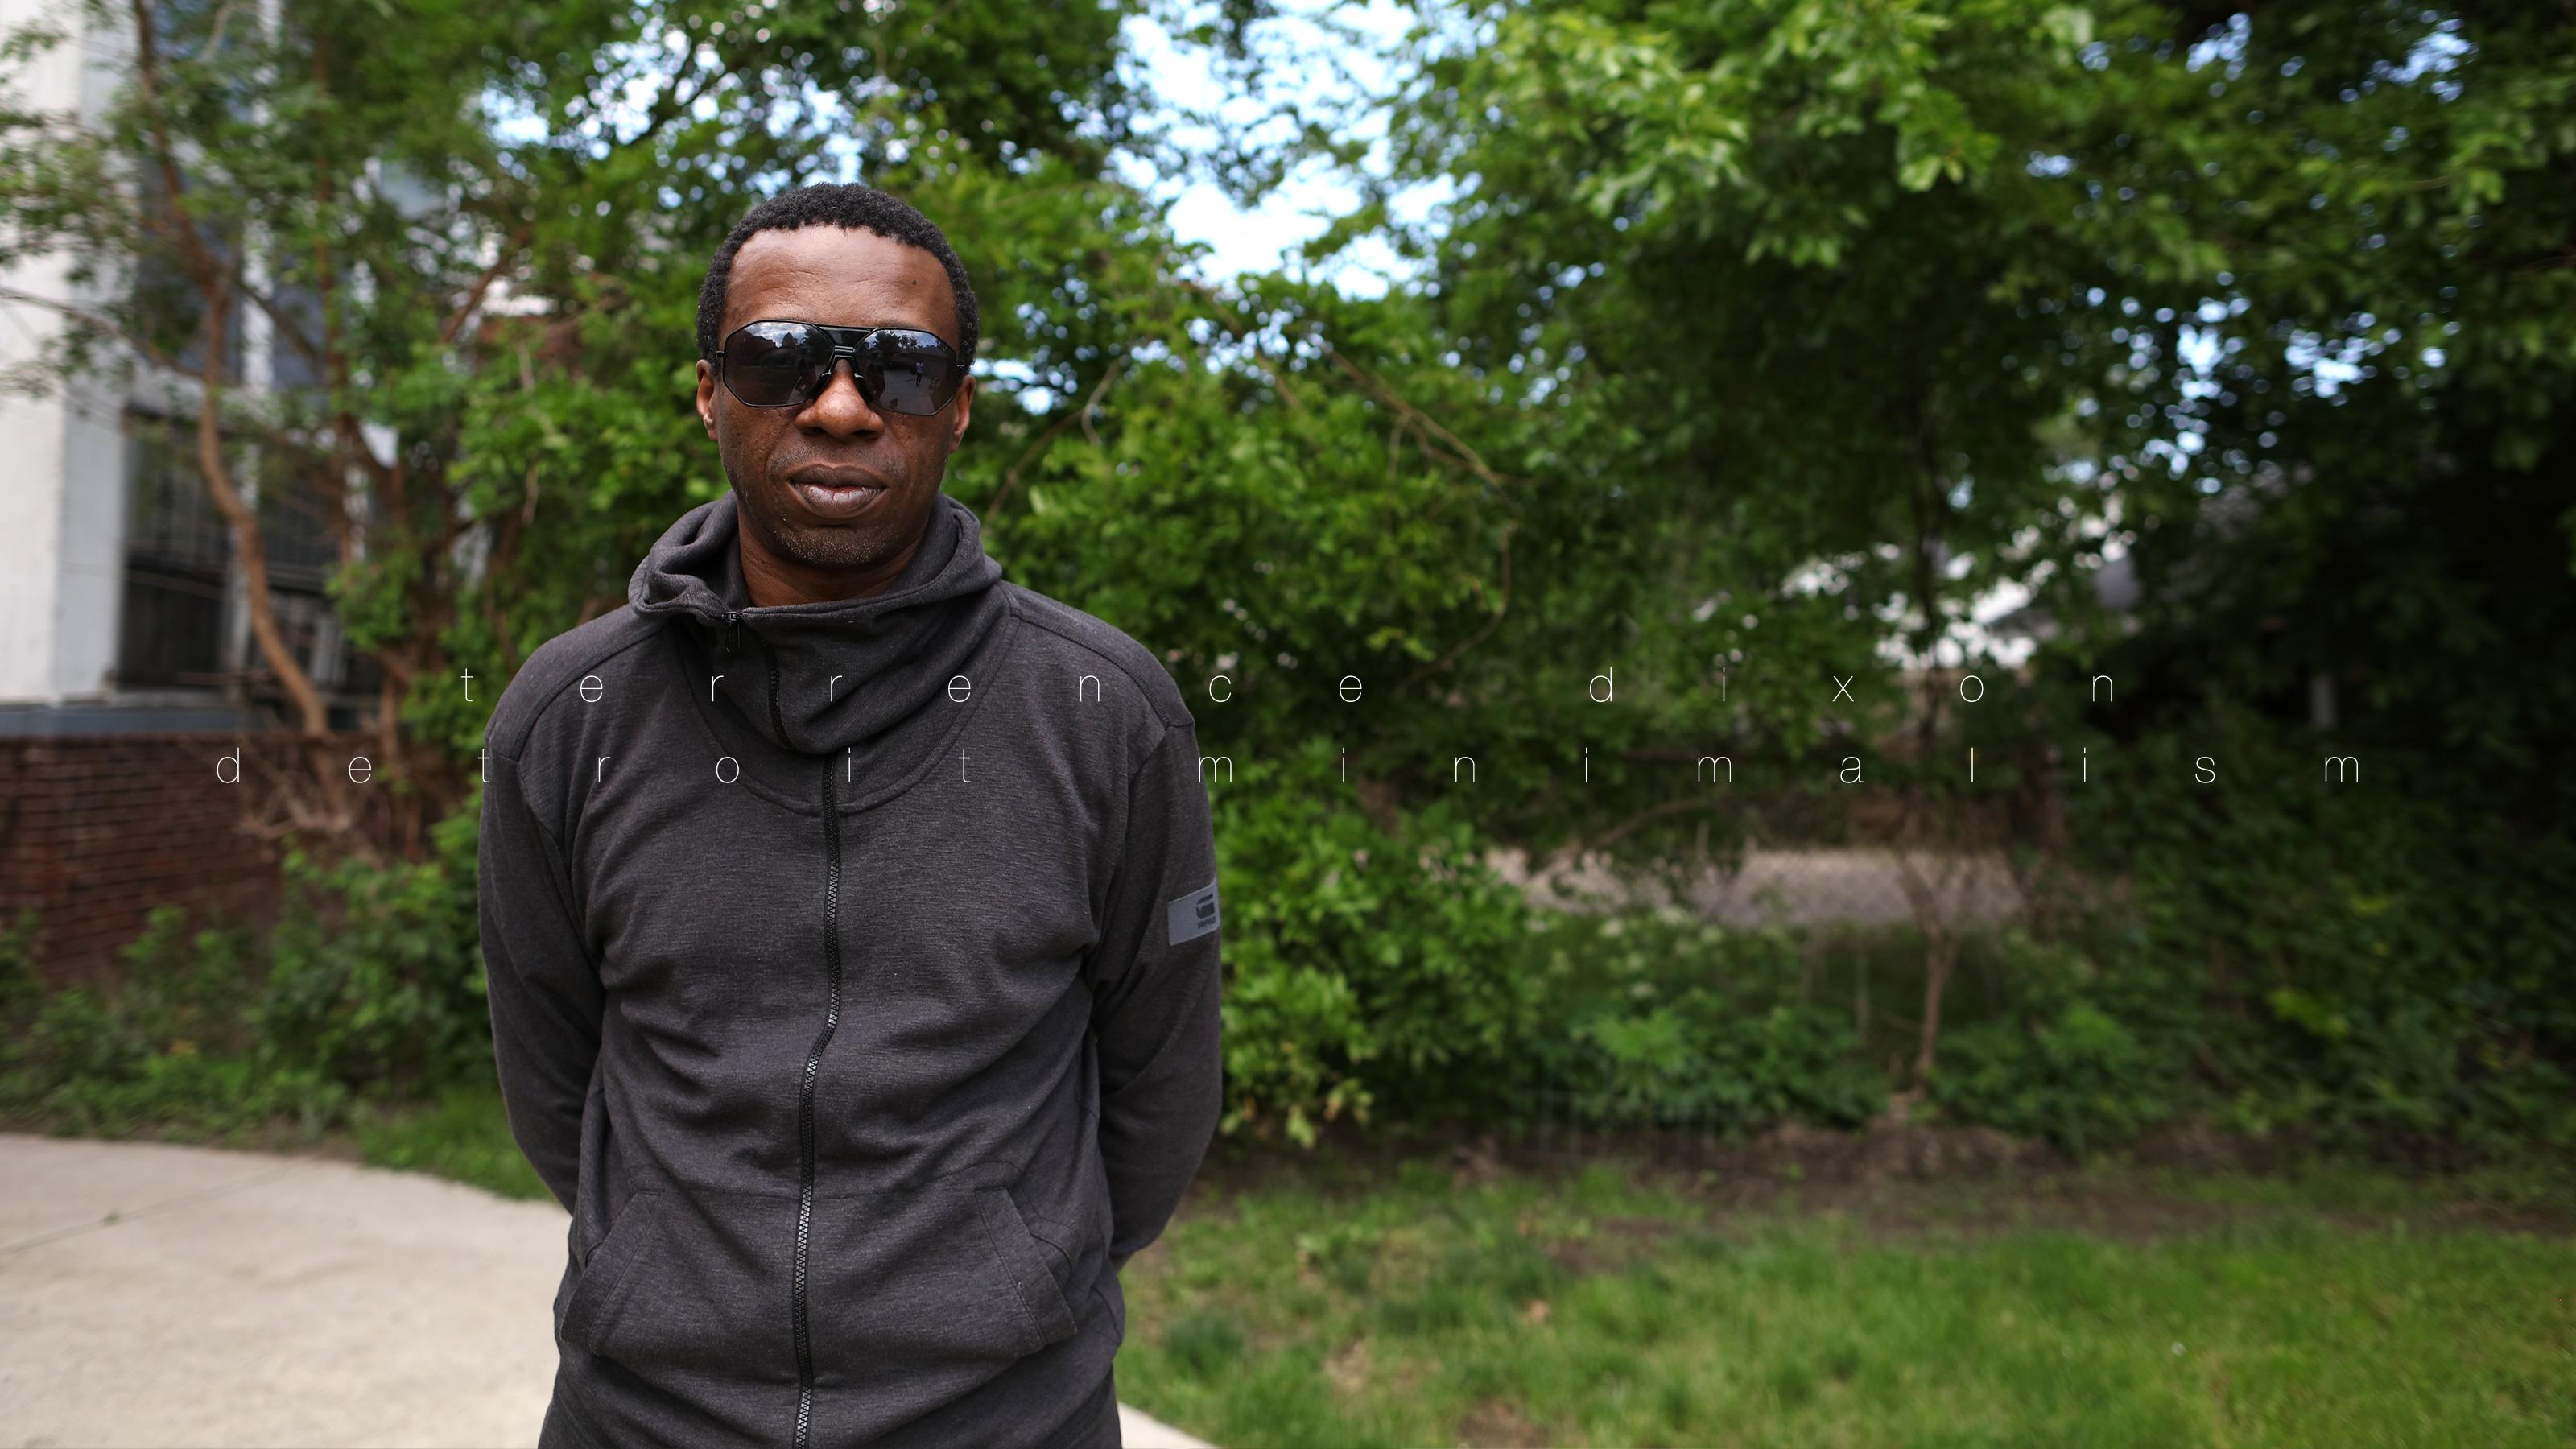 Terrence Dixon: デトロイト・ミニマリズム